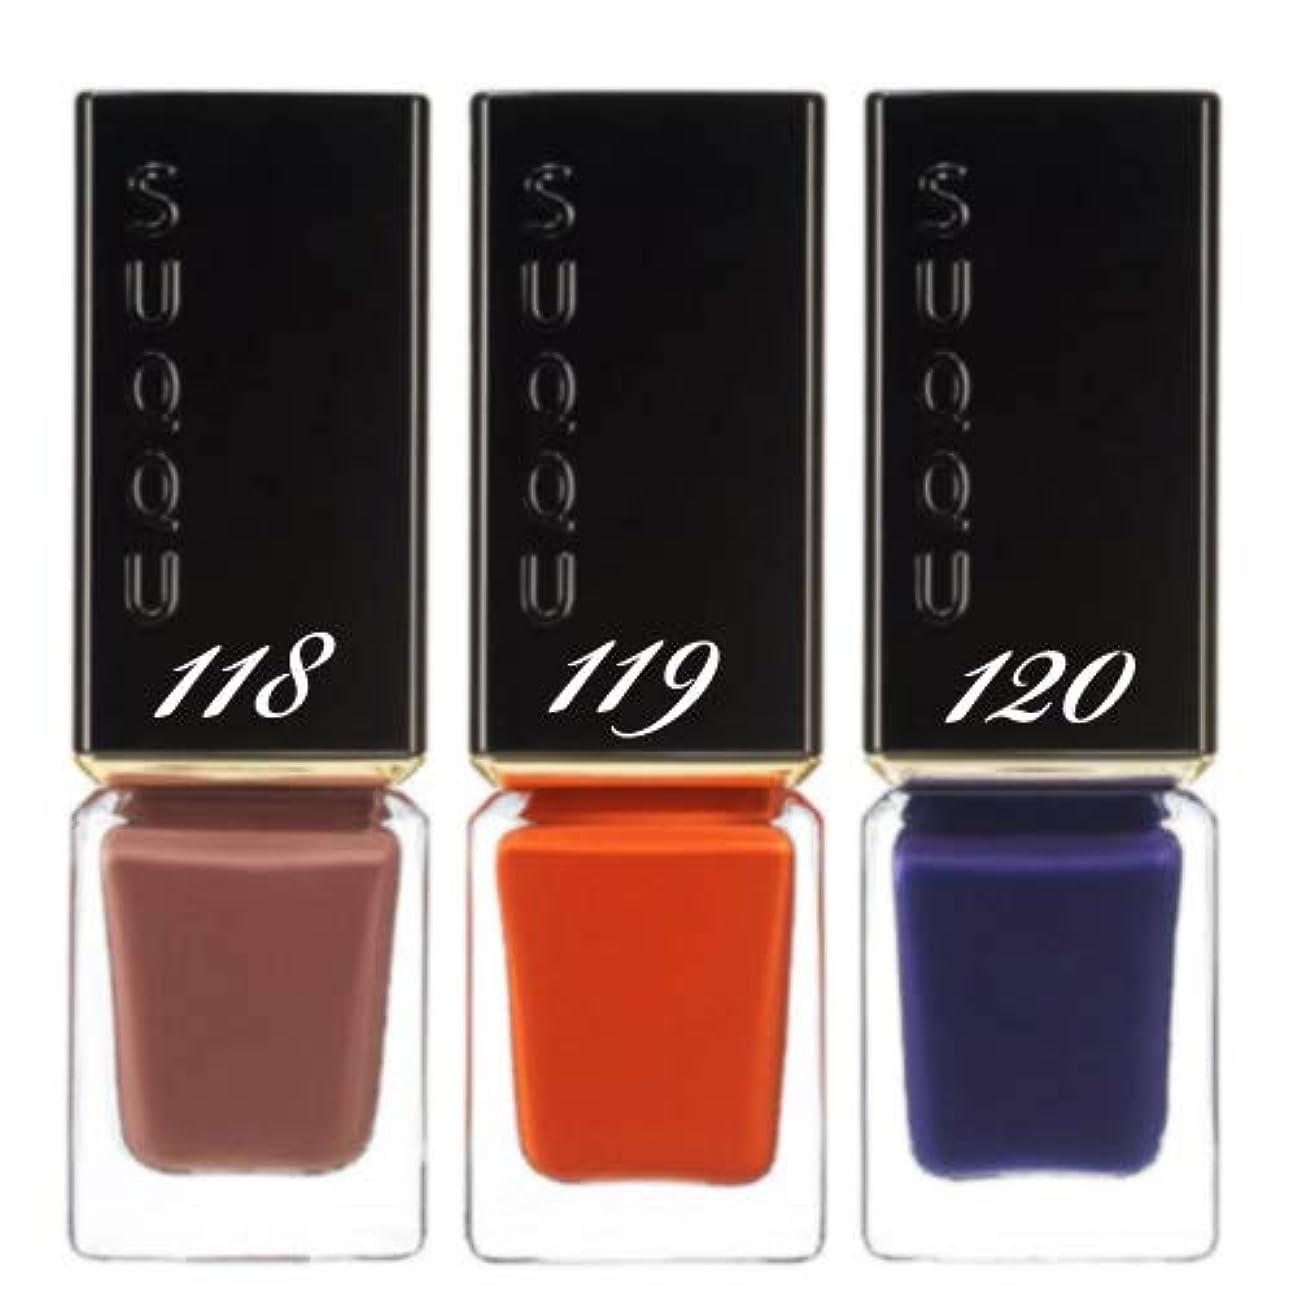 薬ブラジャー十億SUQQU(スック) ネイル カラー ポリッシュ (秋冬限定色) 7.5m (119 濃柿)